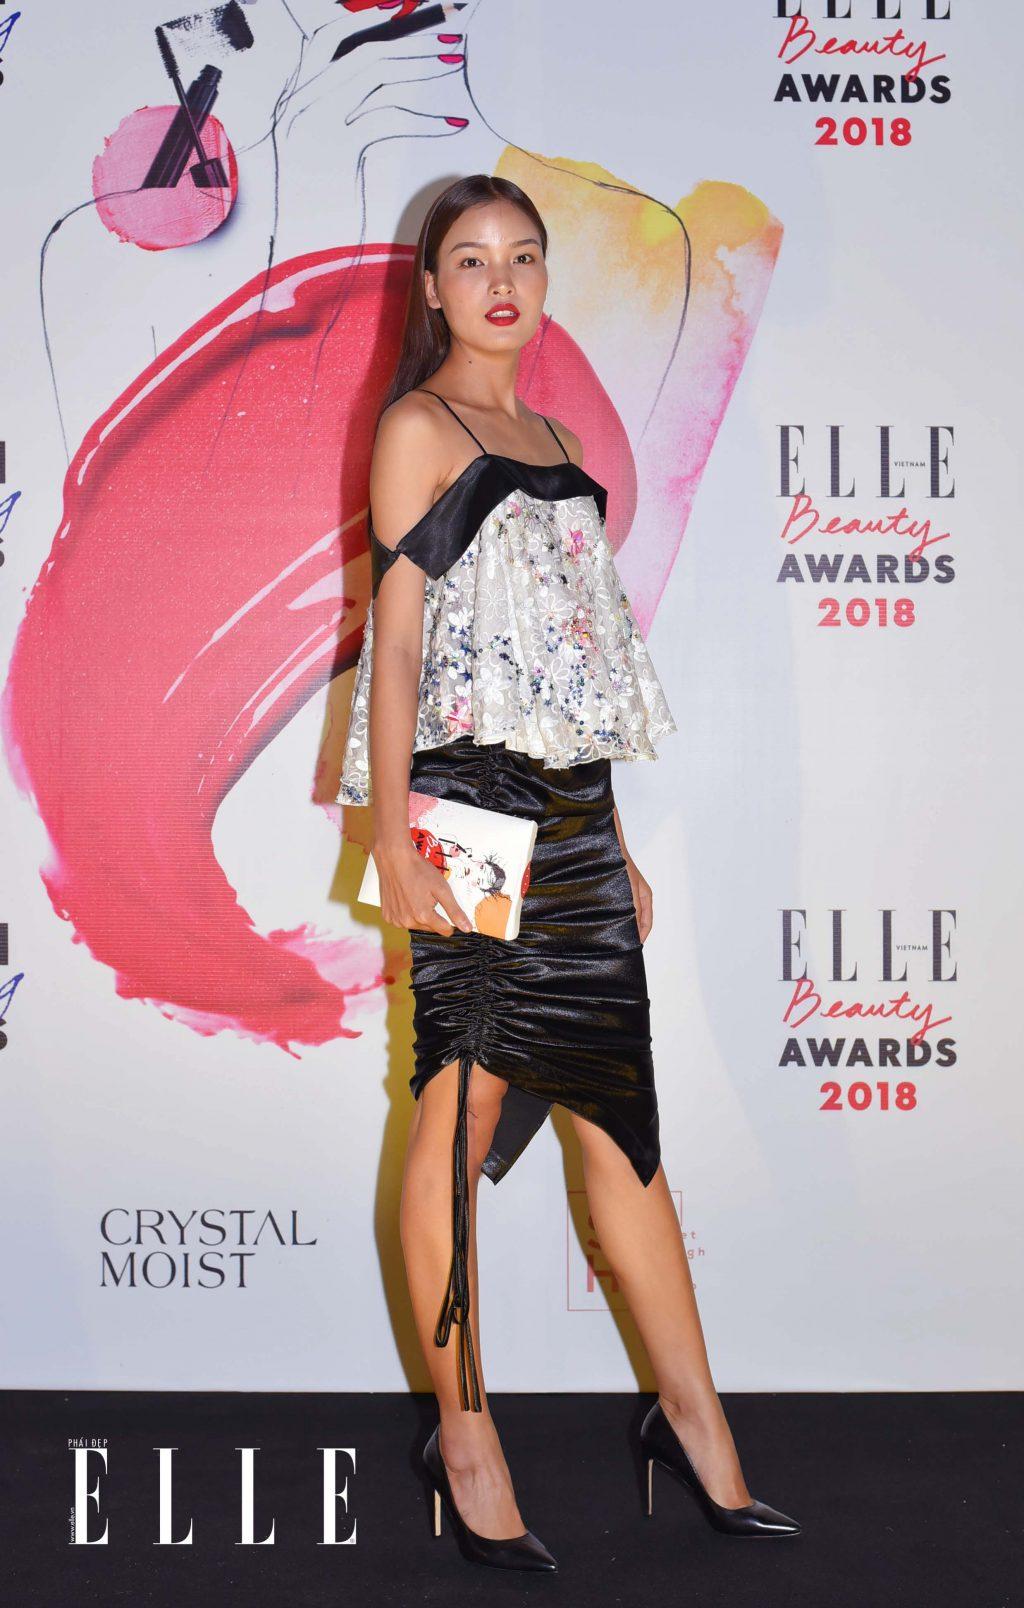 Elle Beauty Awards xu hướng làm đẹp nổi bật son đỏ 6